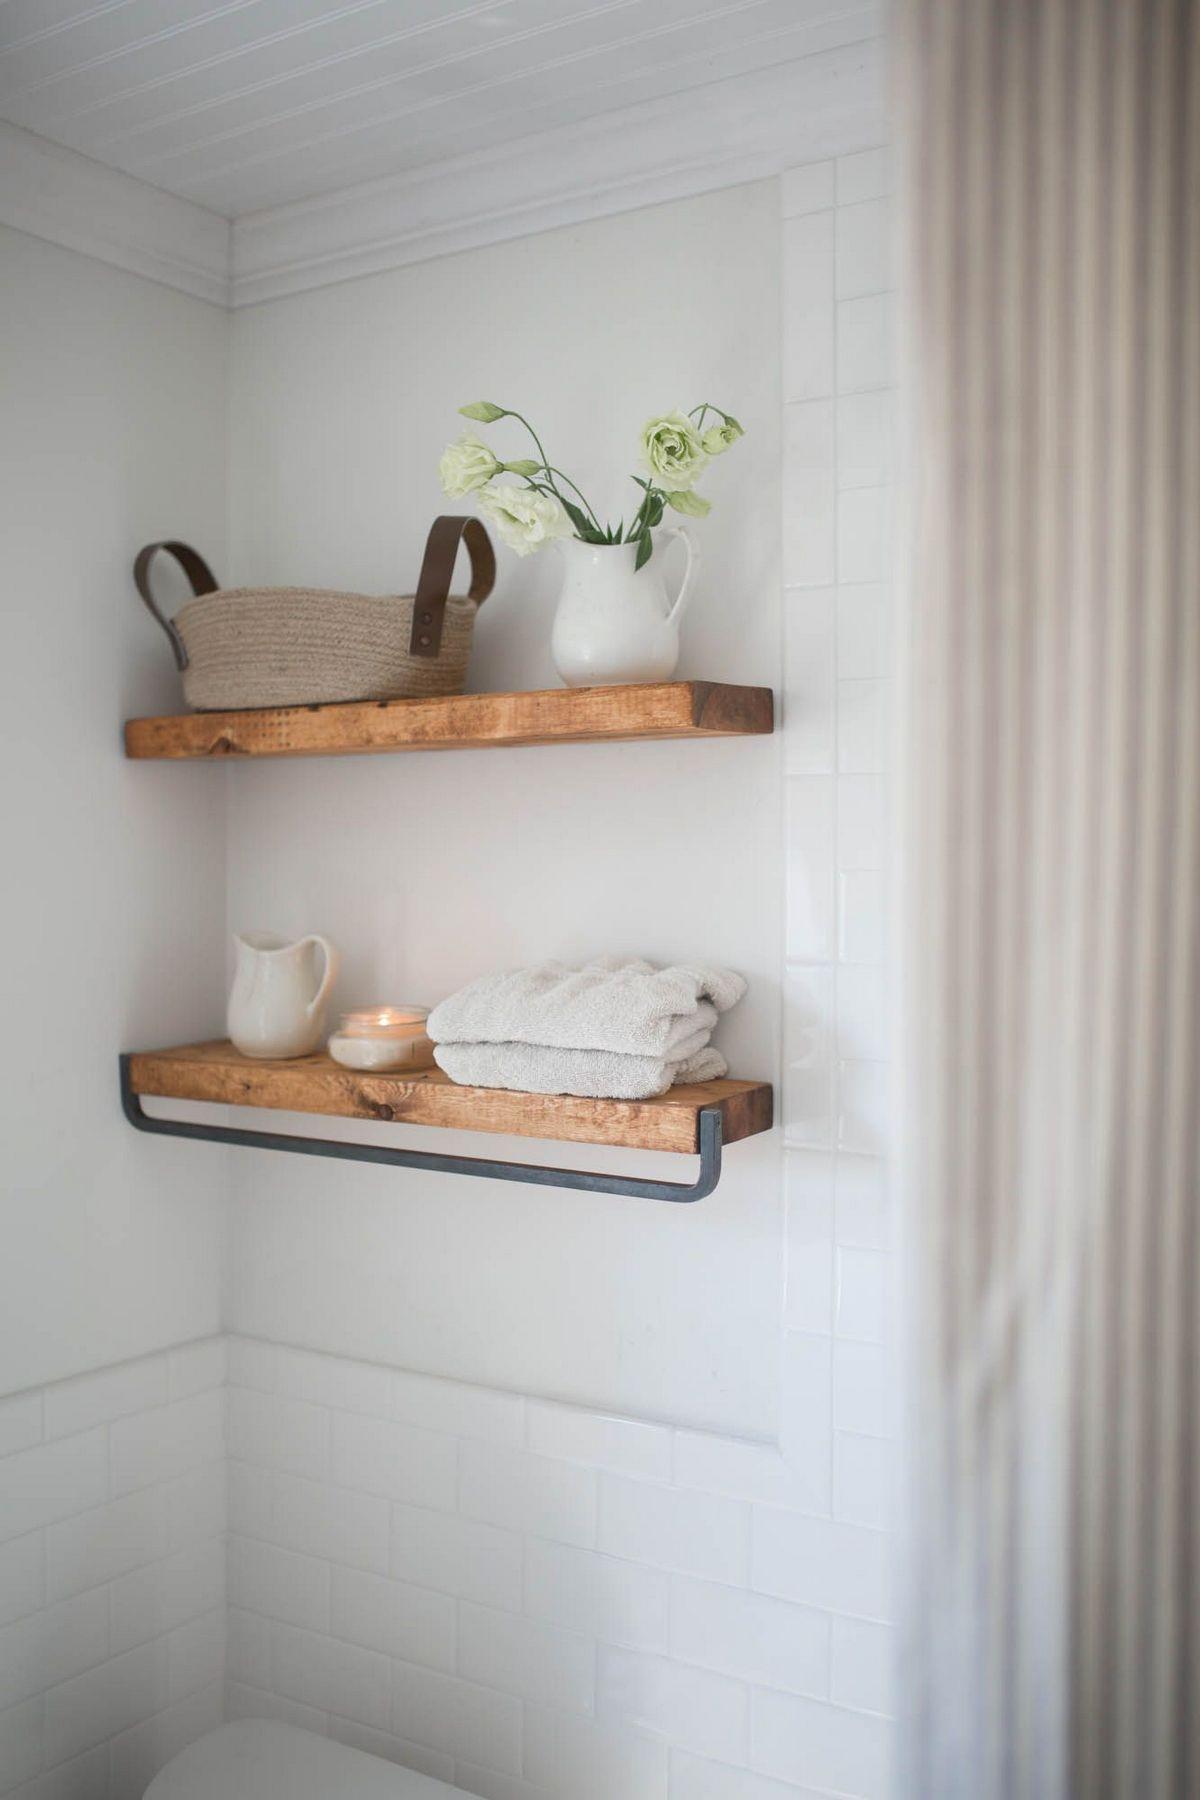 50 Die Beliebtesten Deko Ideen Fur Kleine Badezimmer Kleines Bad Dekorieren Badezimmer Dekor Schwebende Regale